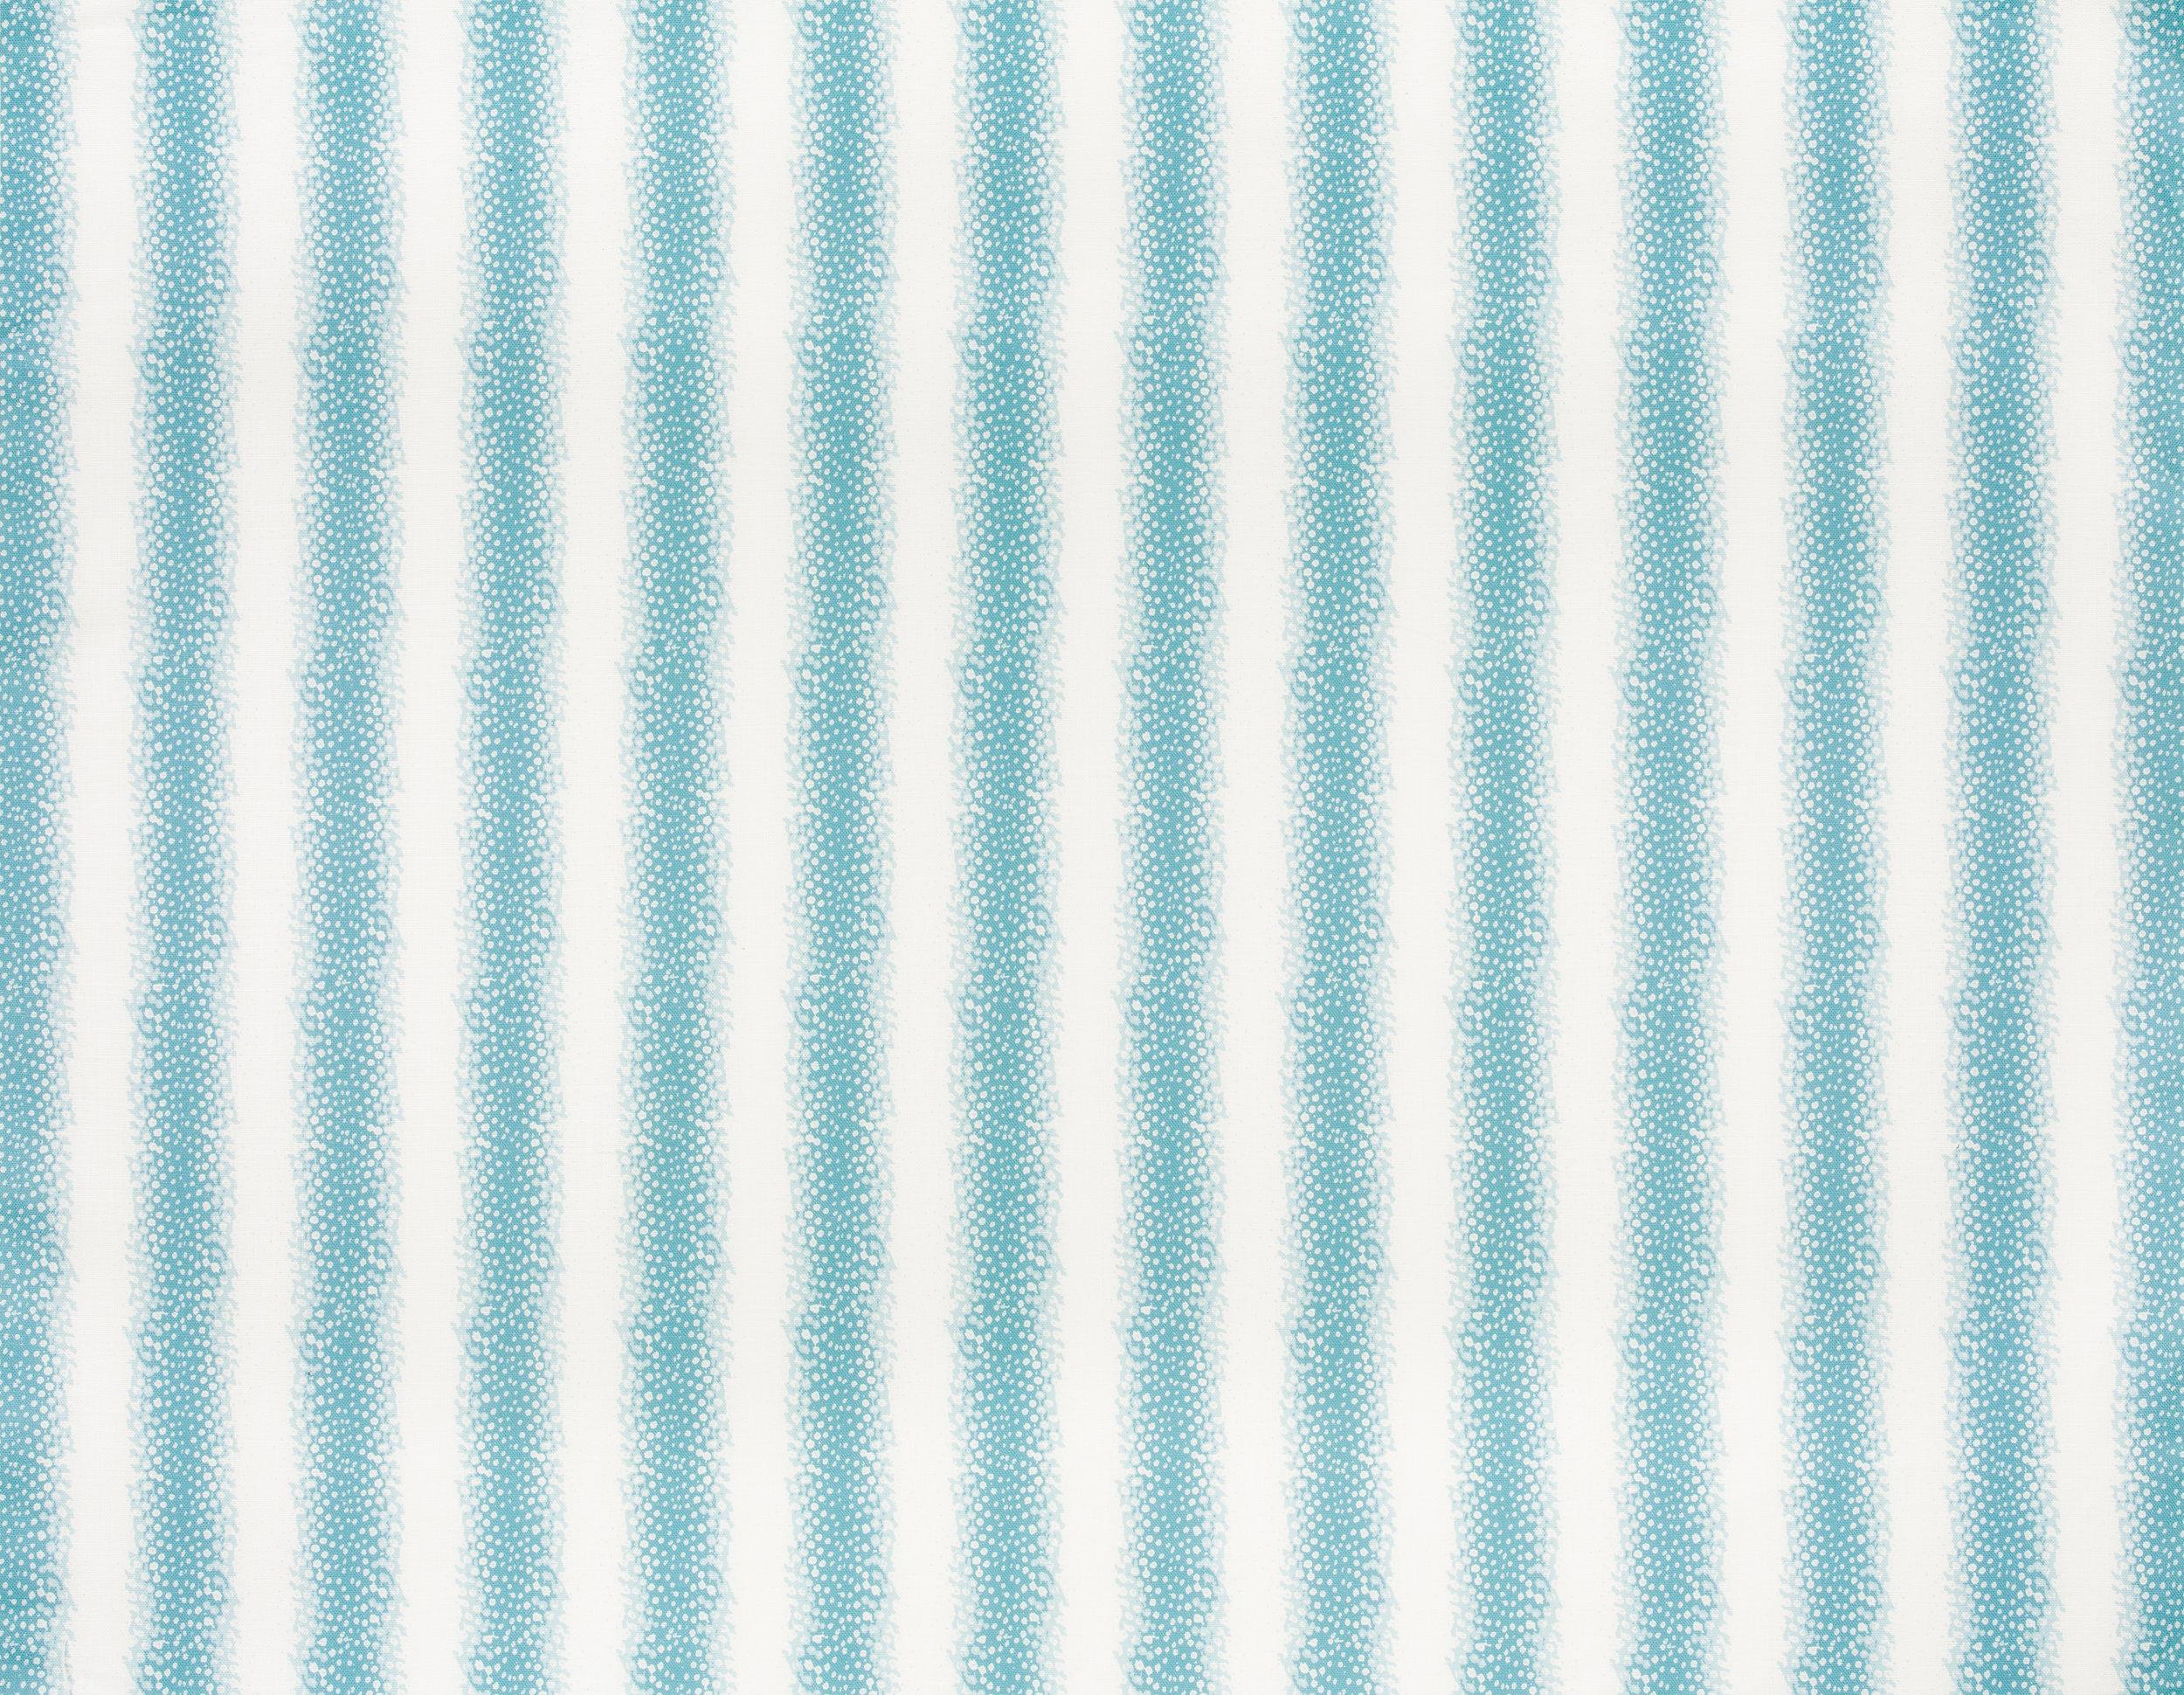 1W6A0937SpeckledStripe_GrayBlue2.jpg